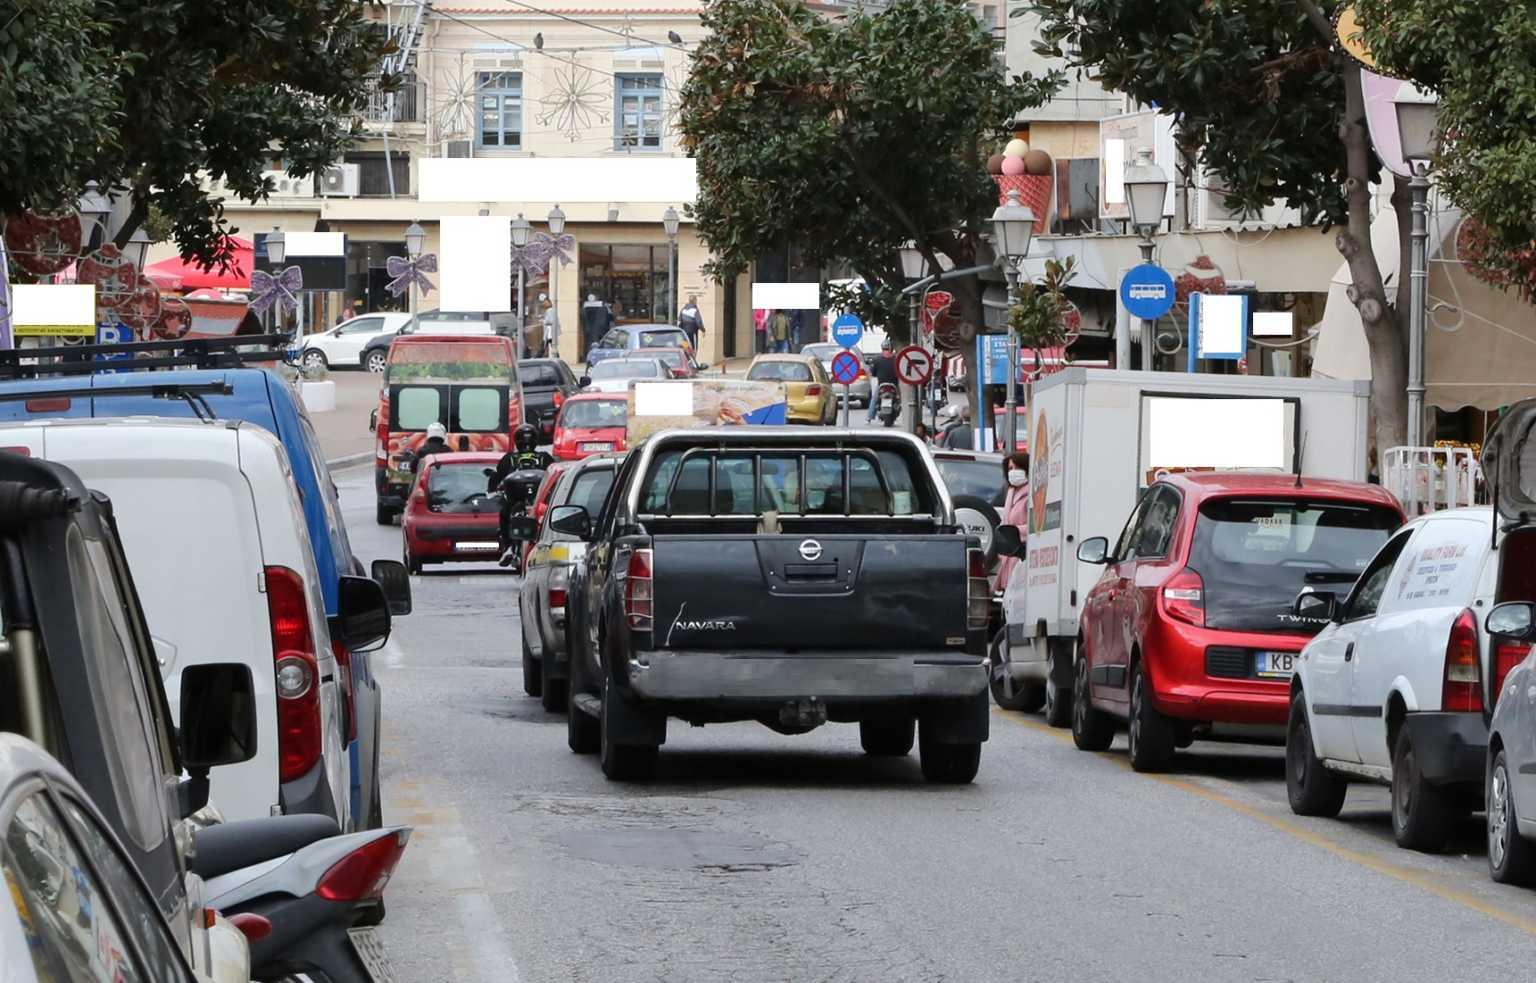 Ρέθυμνο: Αυξημένη η κυκλοφορία των αυτοκινήτων στο δεύτερο lockdown – Τι δείχνουν τα στοιχεία